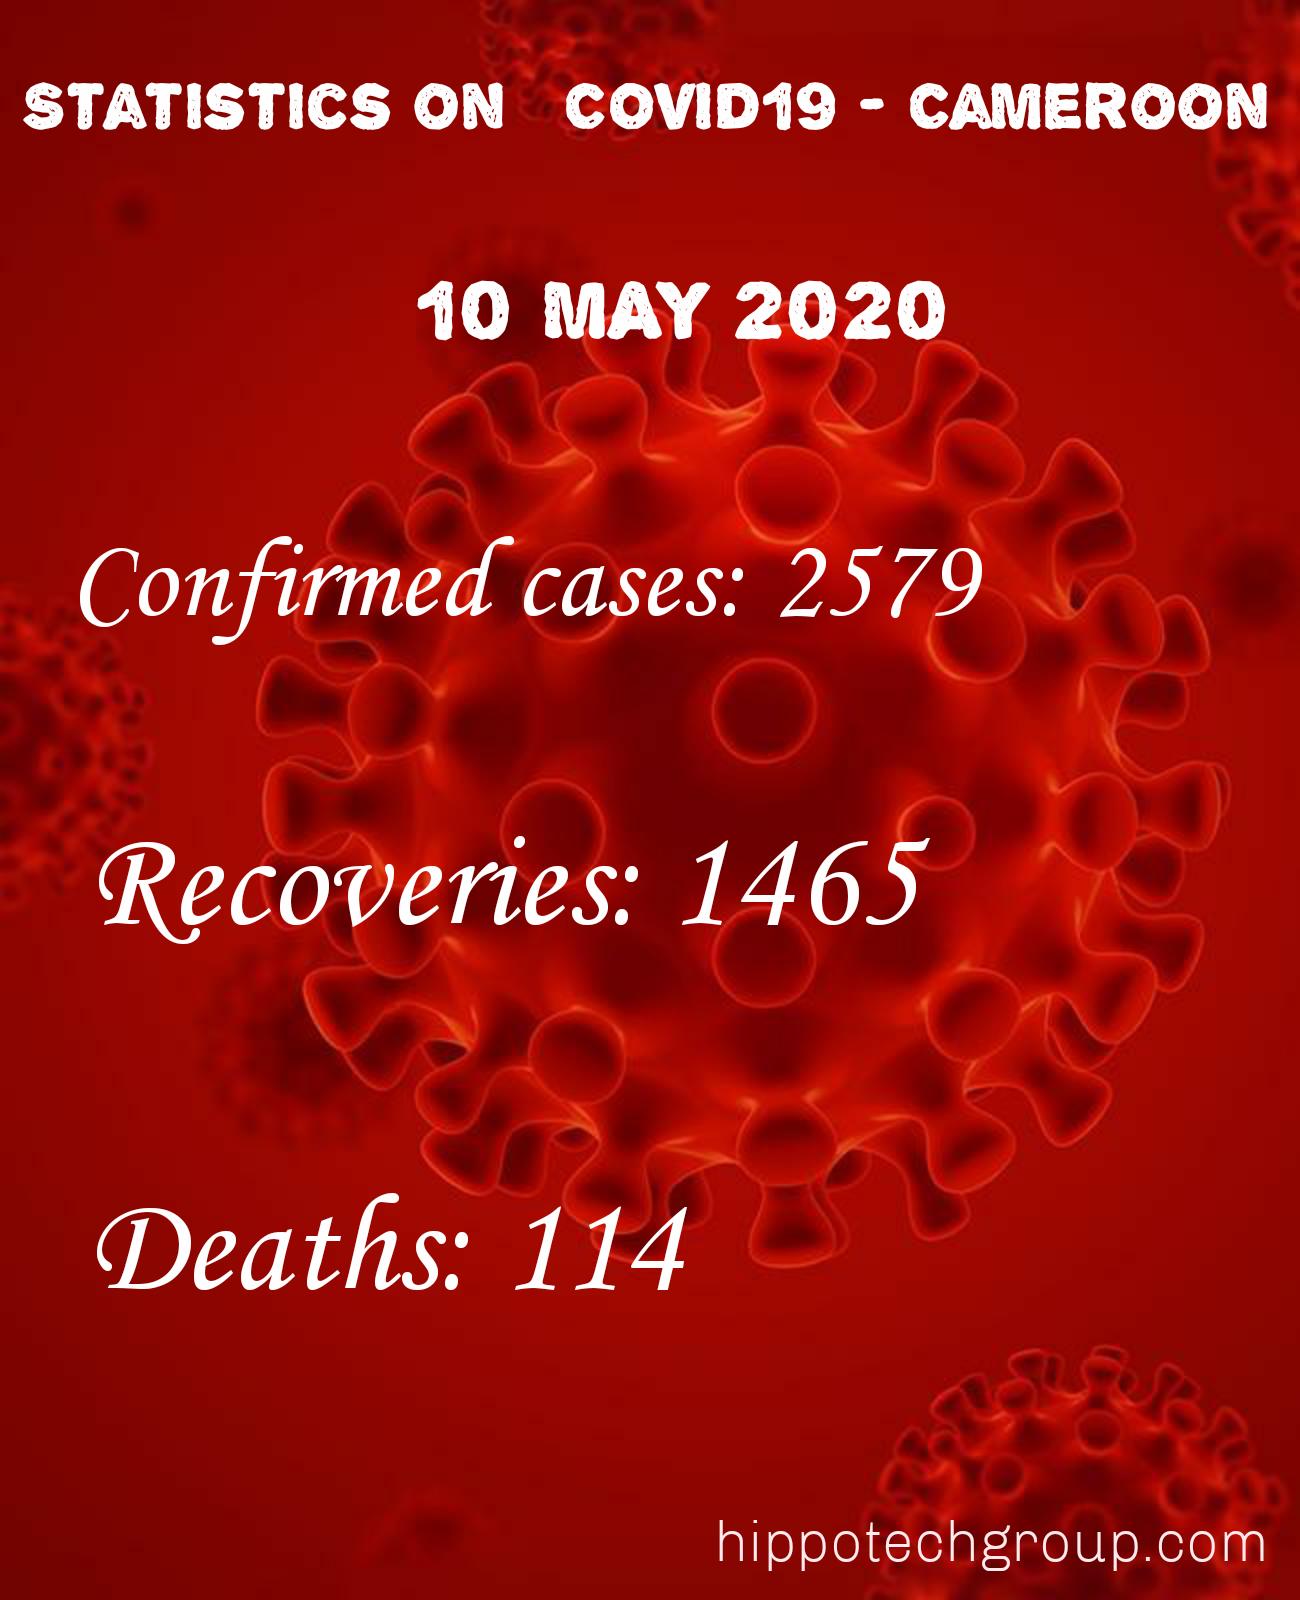 Cameroon Coronavirus Updates